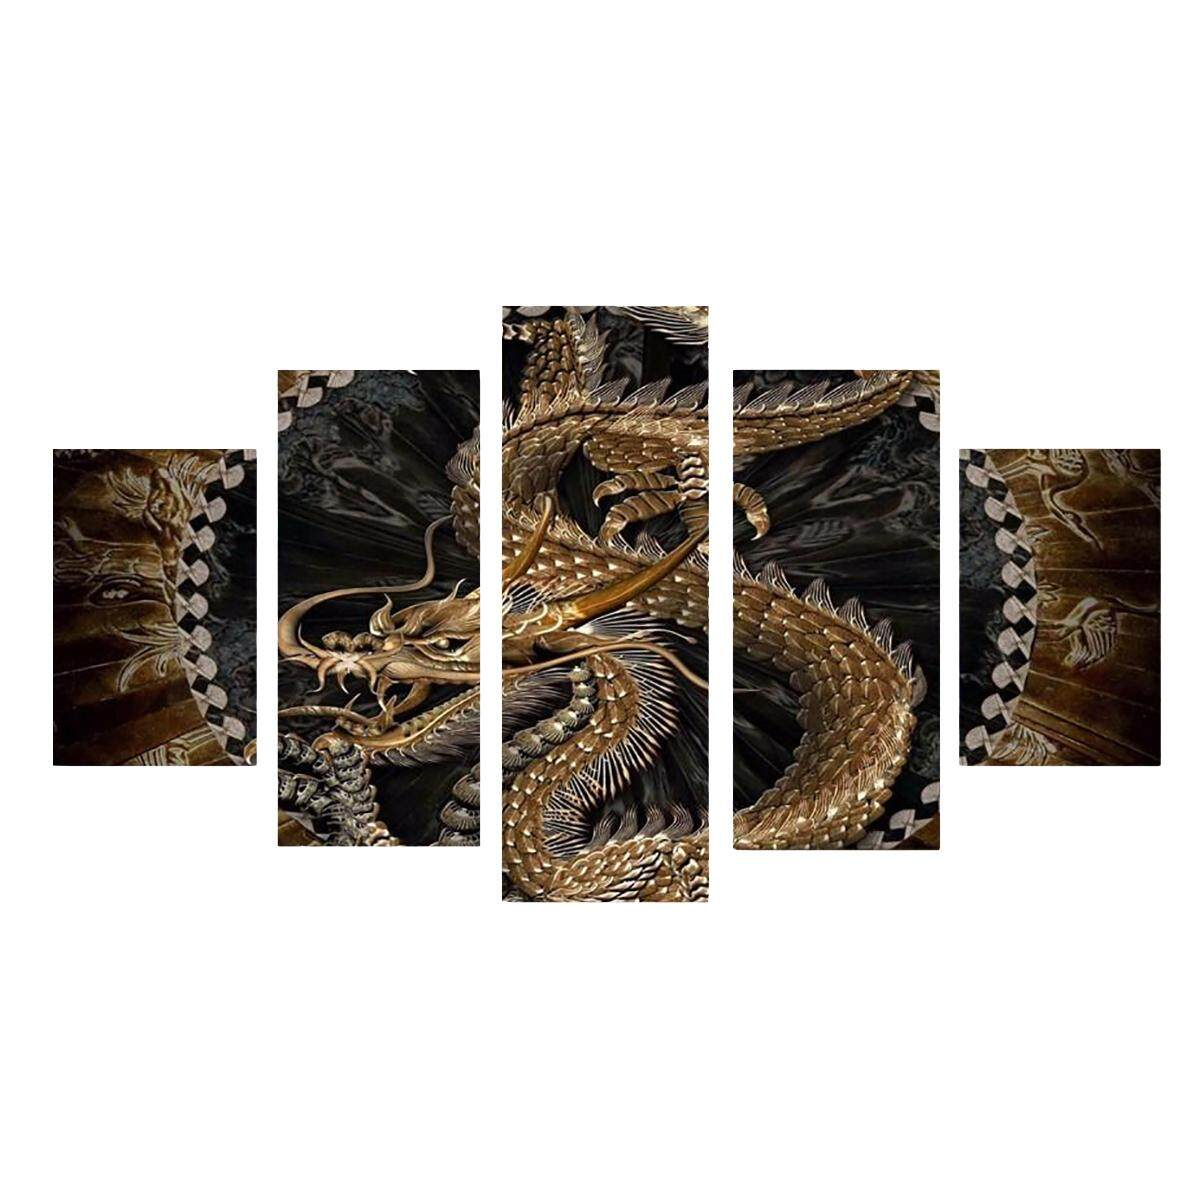 5 Pcs Animal Naga HD Kanvas Cetak Lukisan Gambar Rumah Dinding Dekor Unframed-Internasional